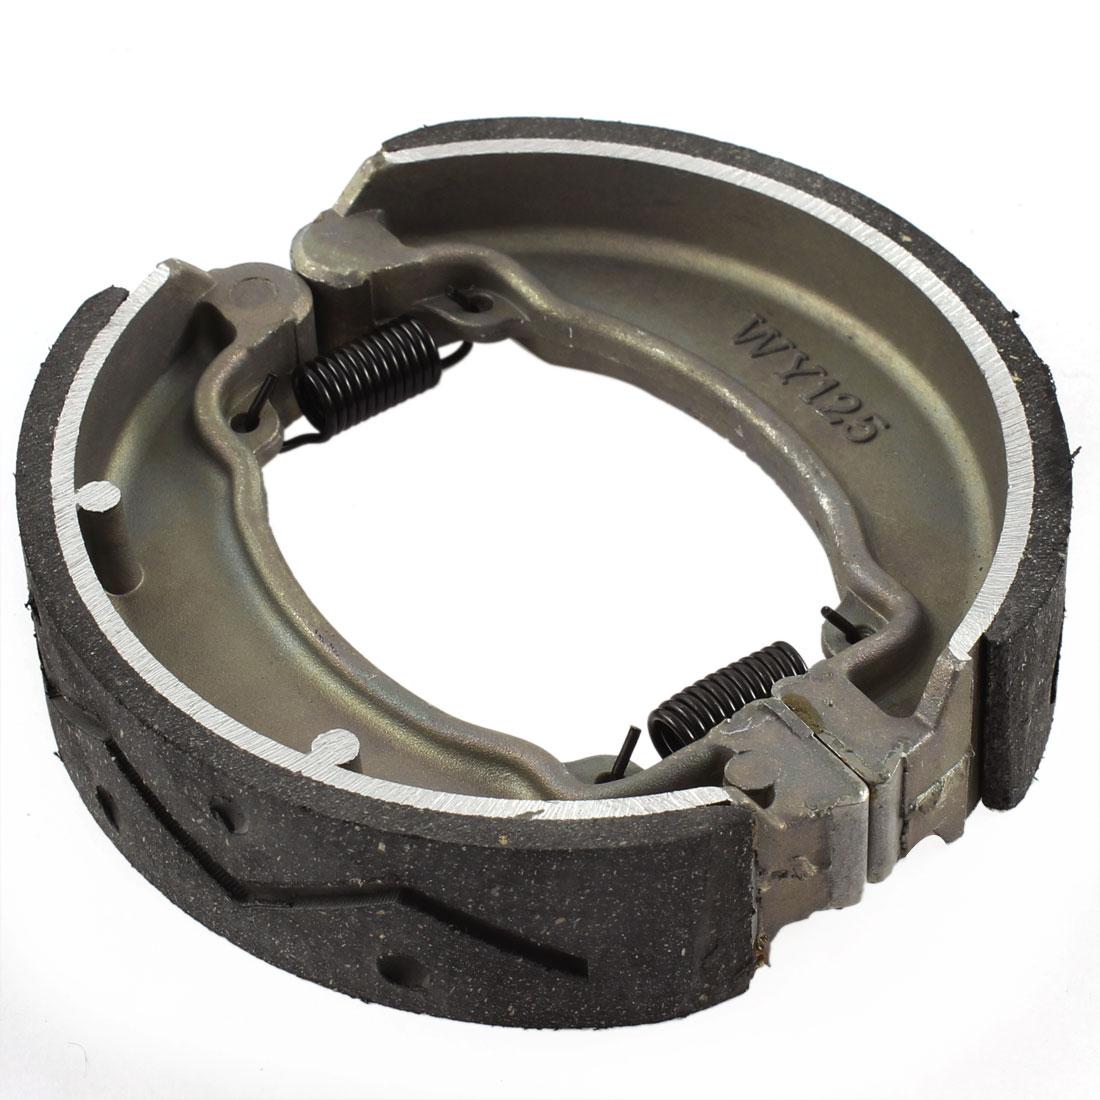 120 x 30mm Gray Motorcycle Metal Rear Braking Brake Shoes Drum Pad for WY125